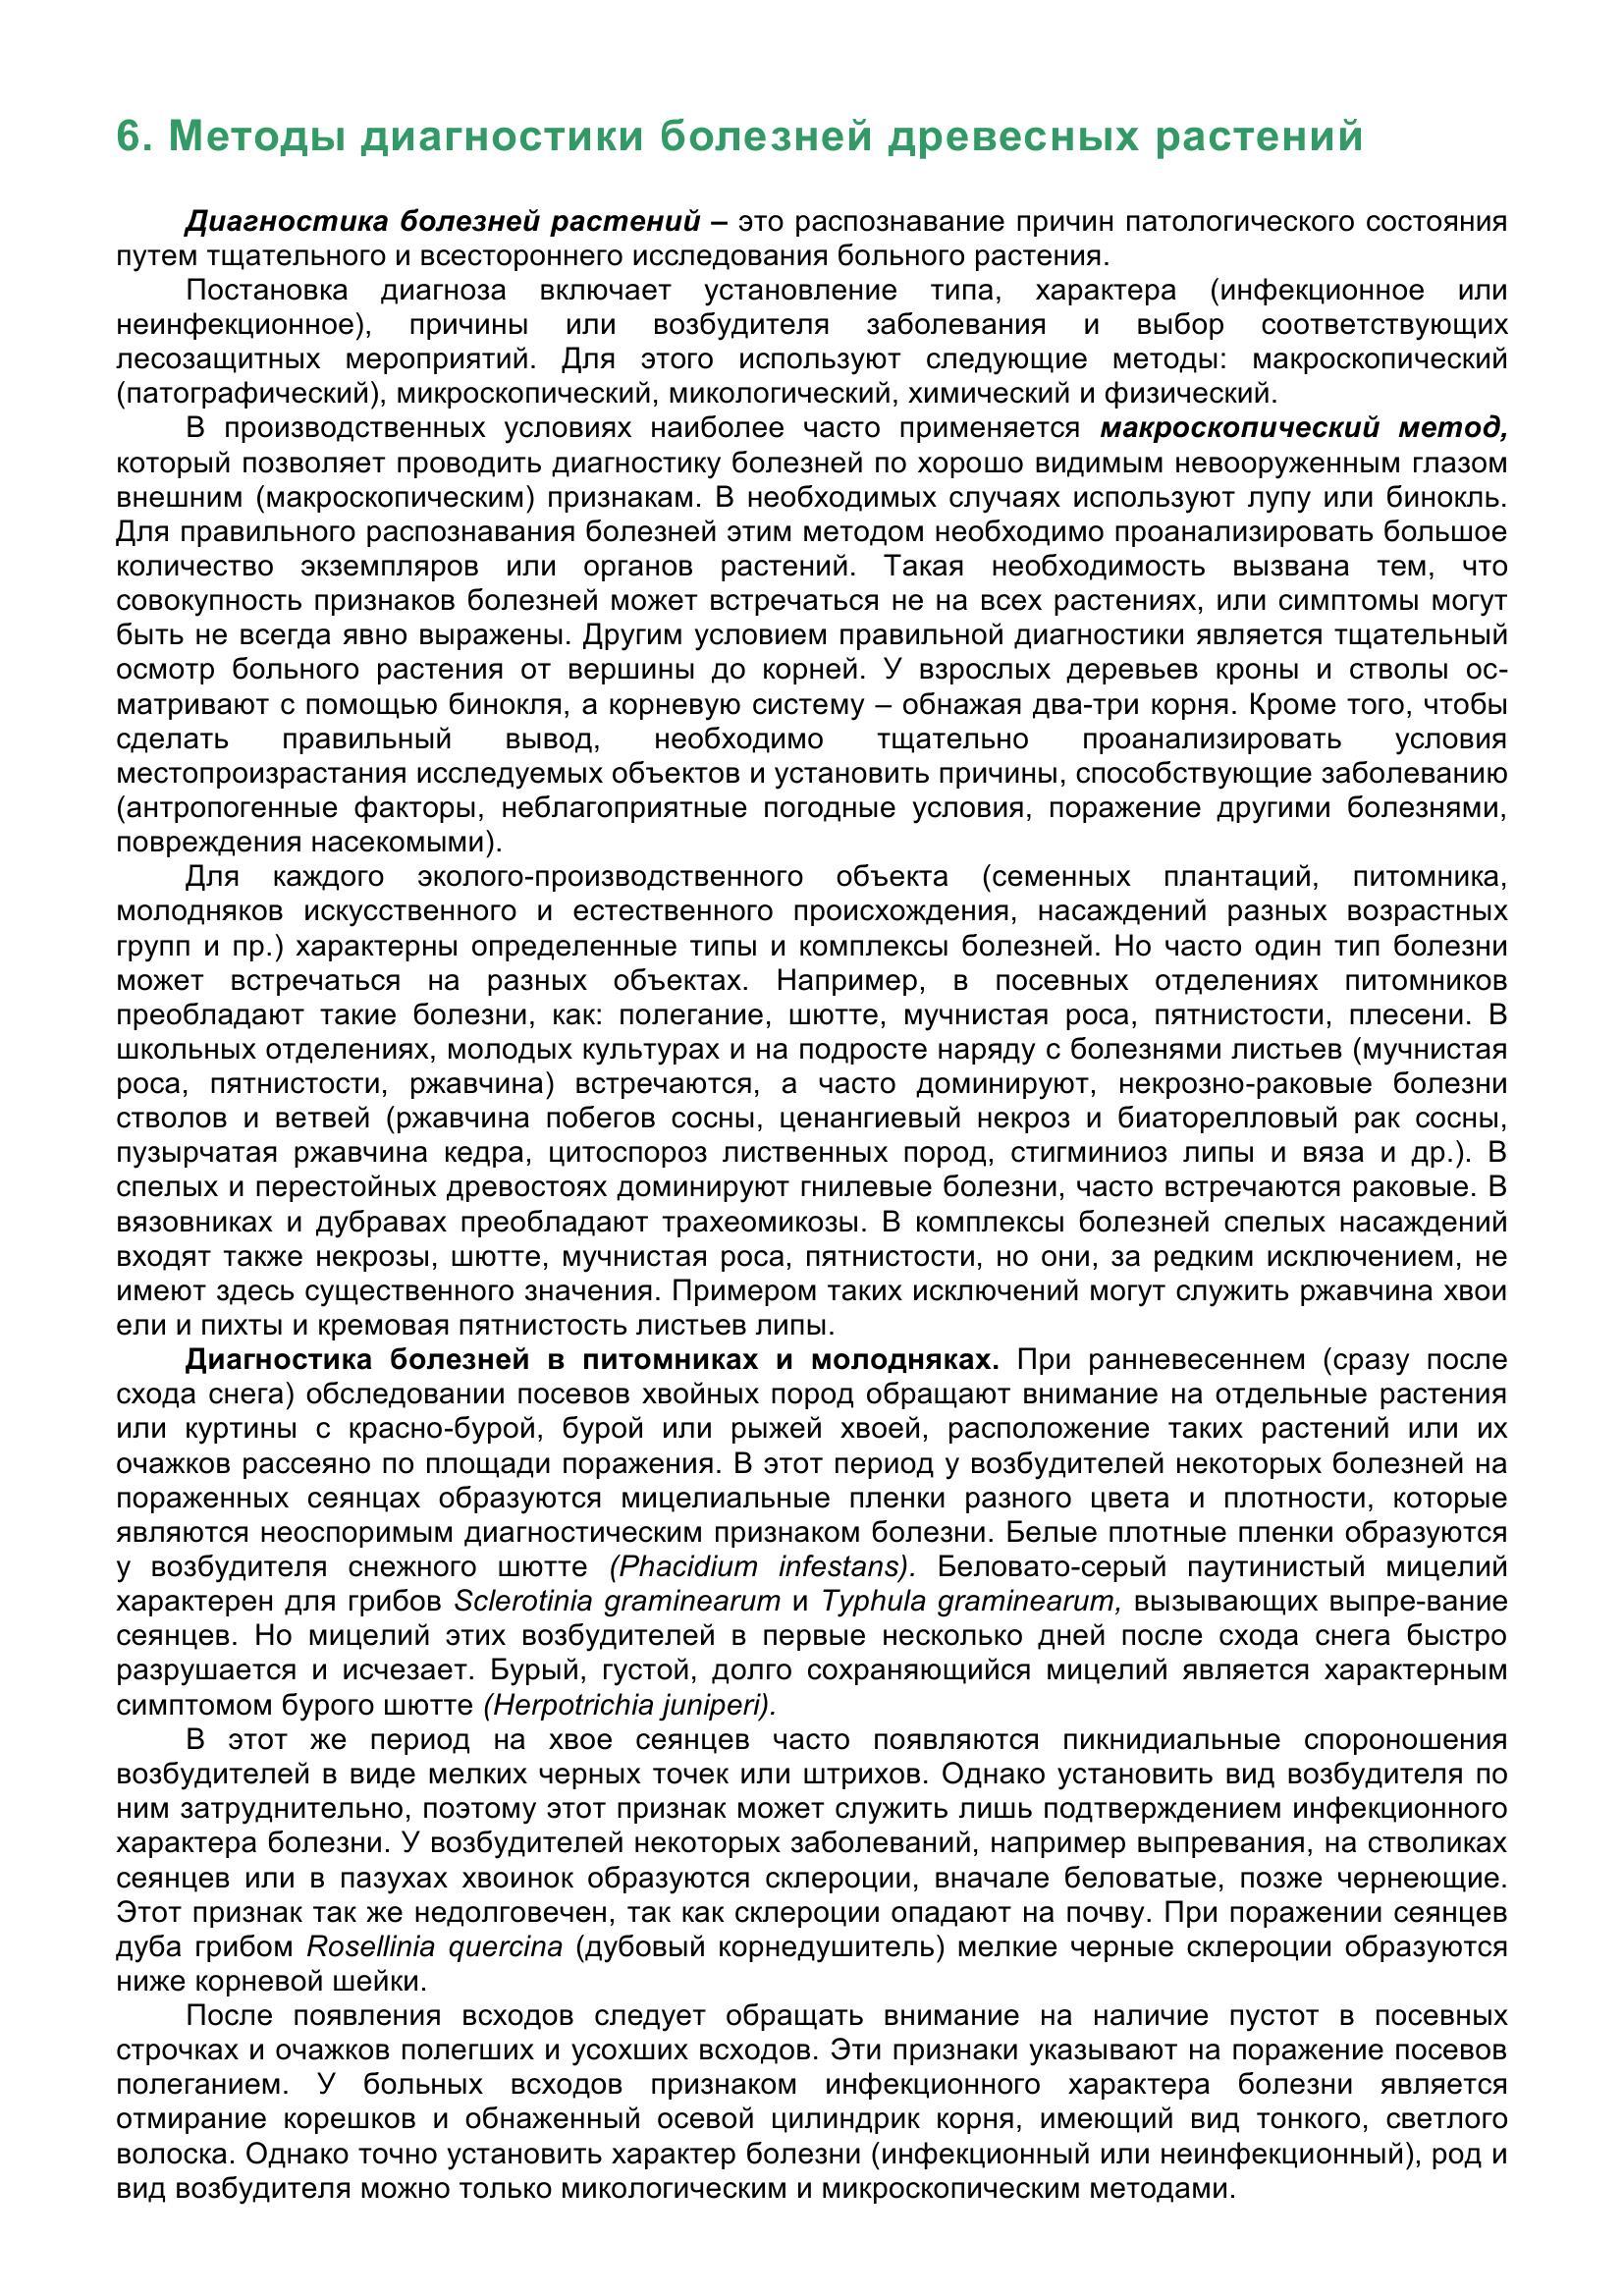 Болезни_древесных_растений_023.jpg